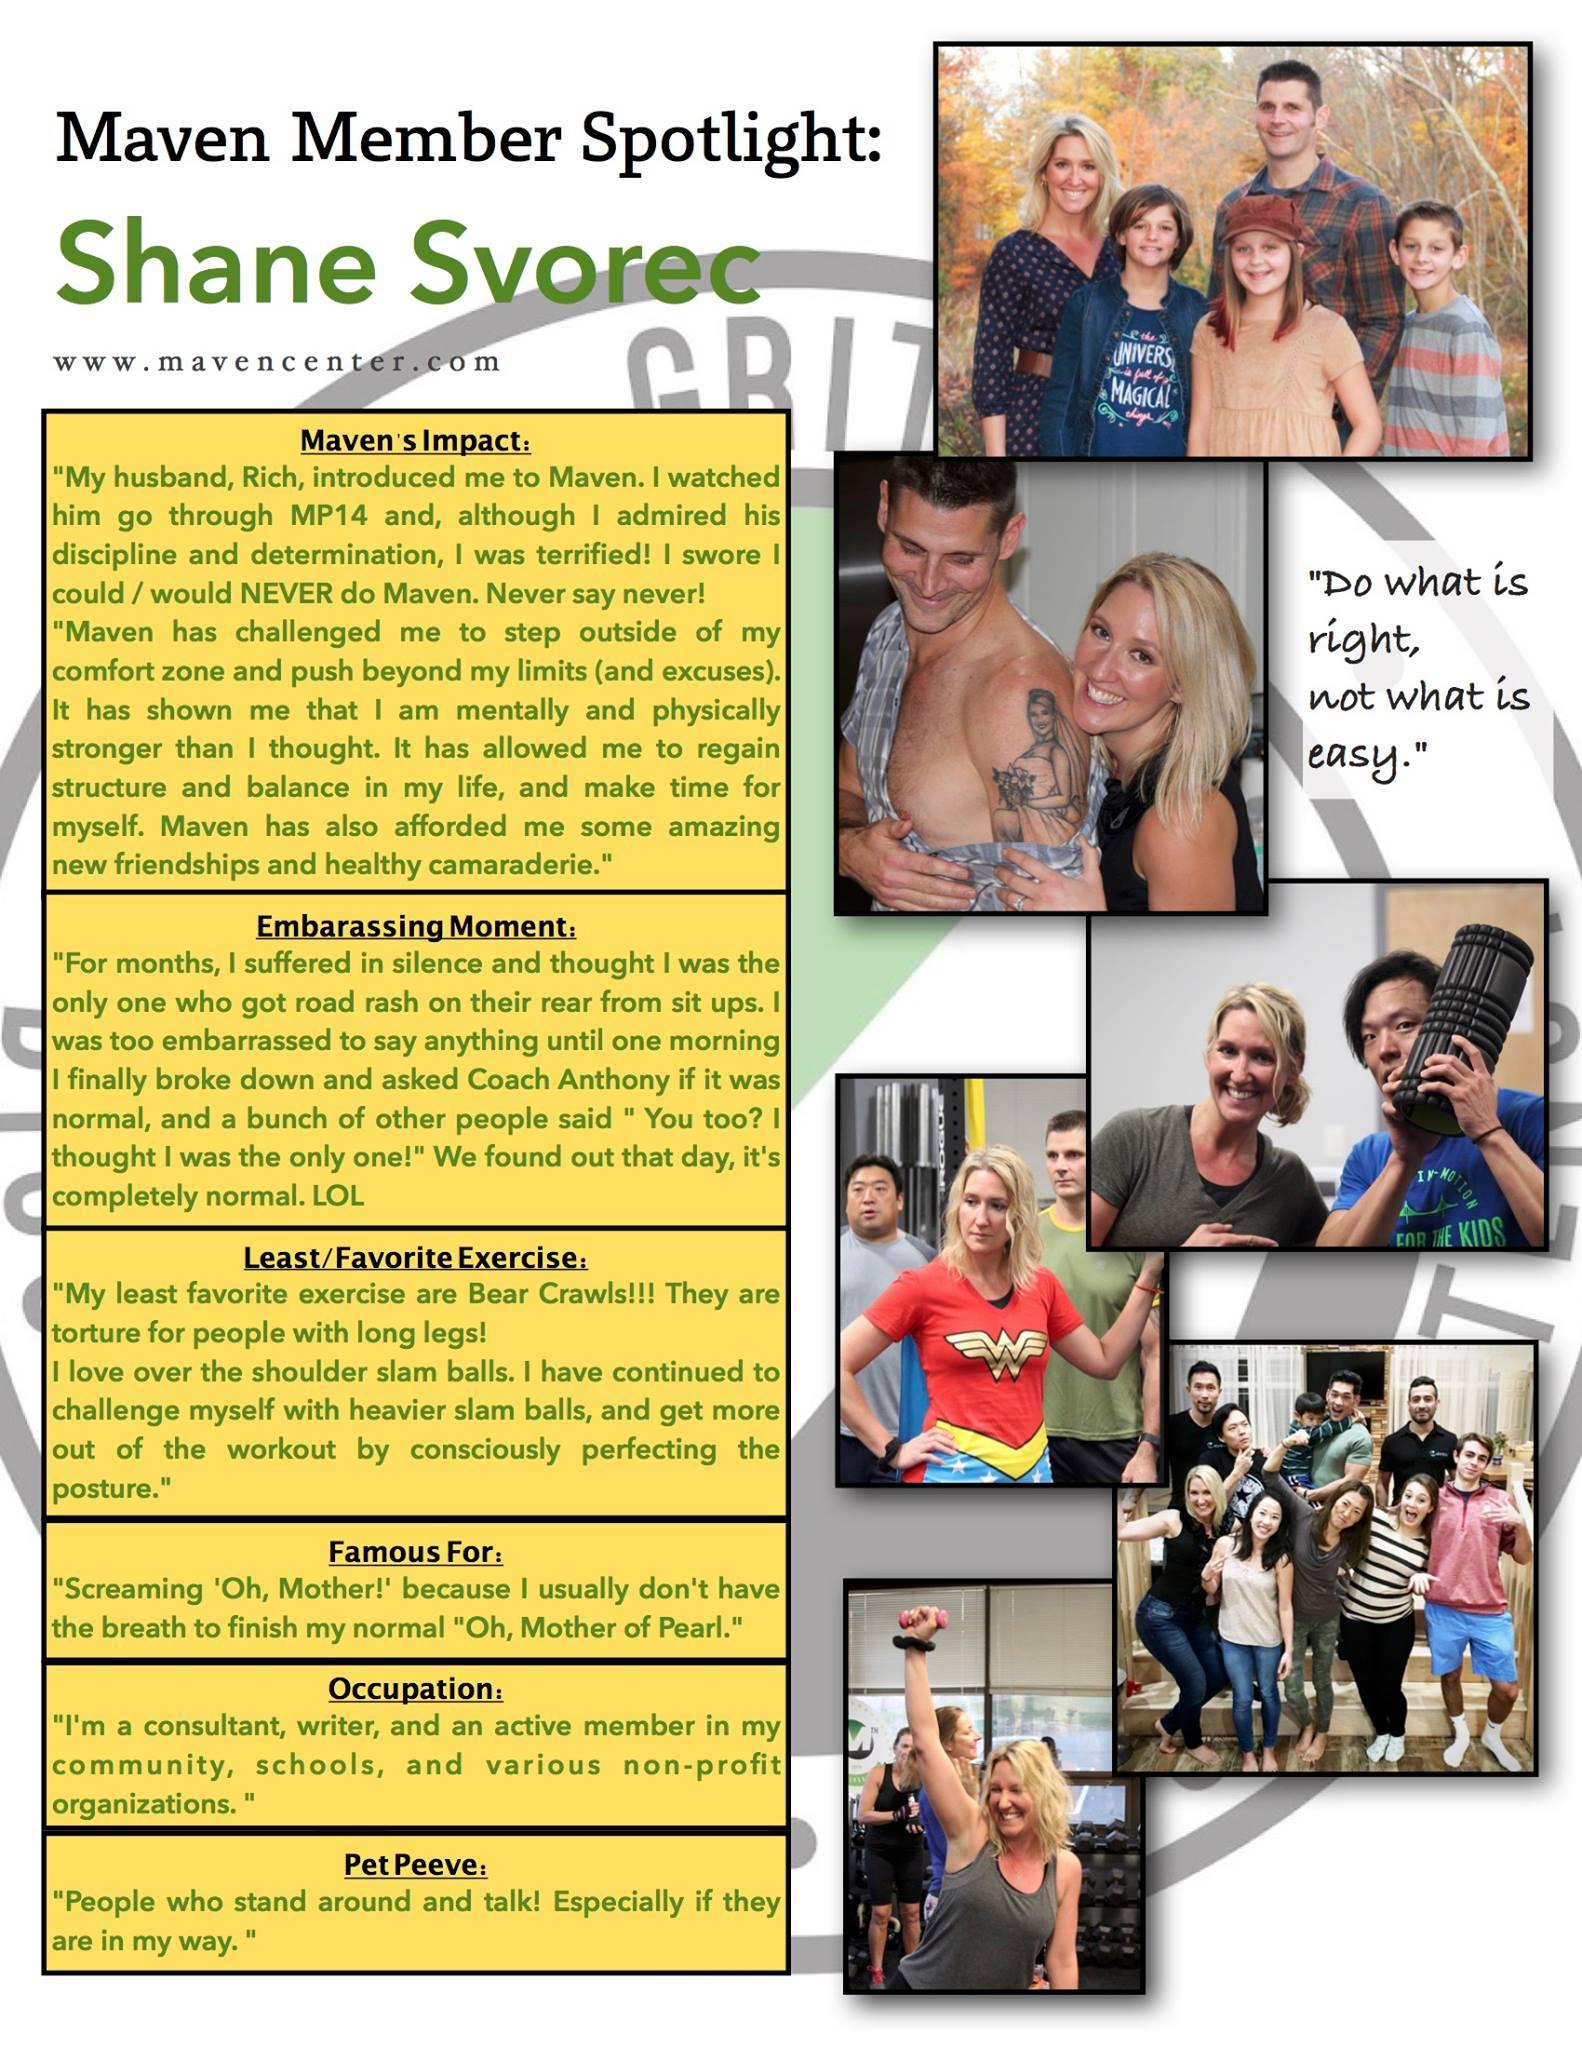 Shane's Spotlight